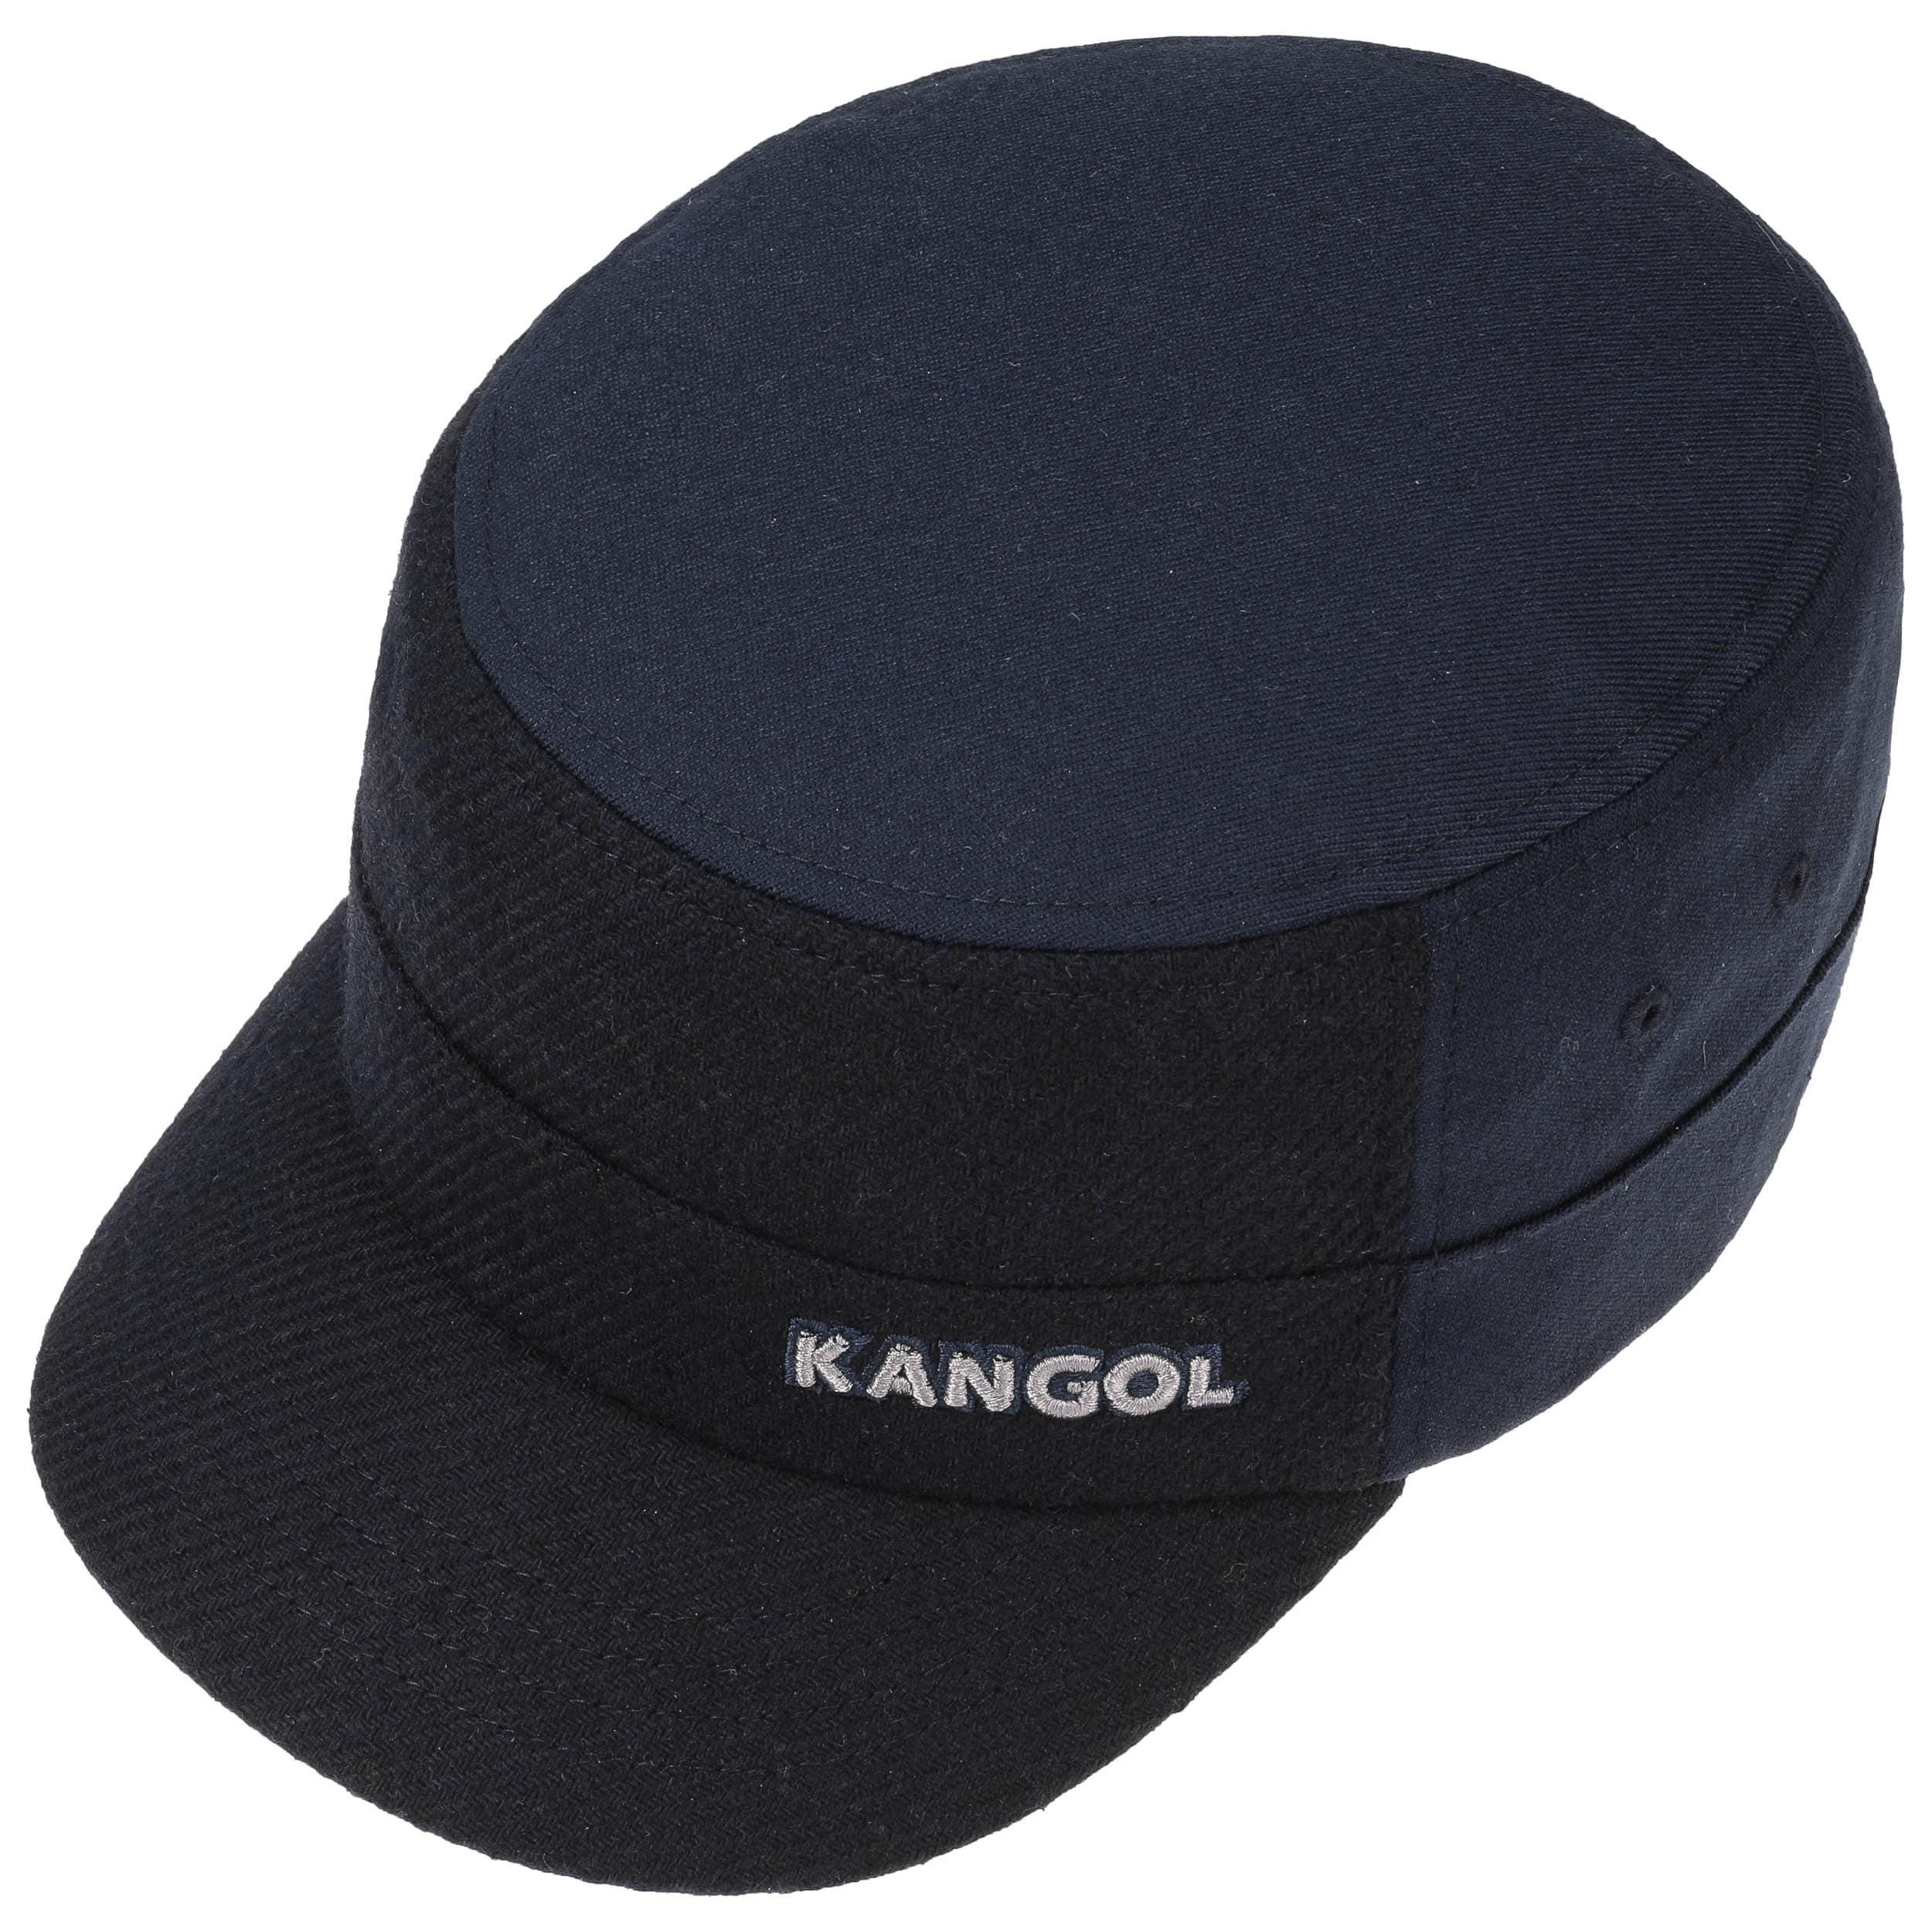 521a9b5b3b5c9 Gorra Kangol Textured Flexfit Army Cap - Gorras - sombreroshop.es